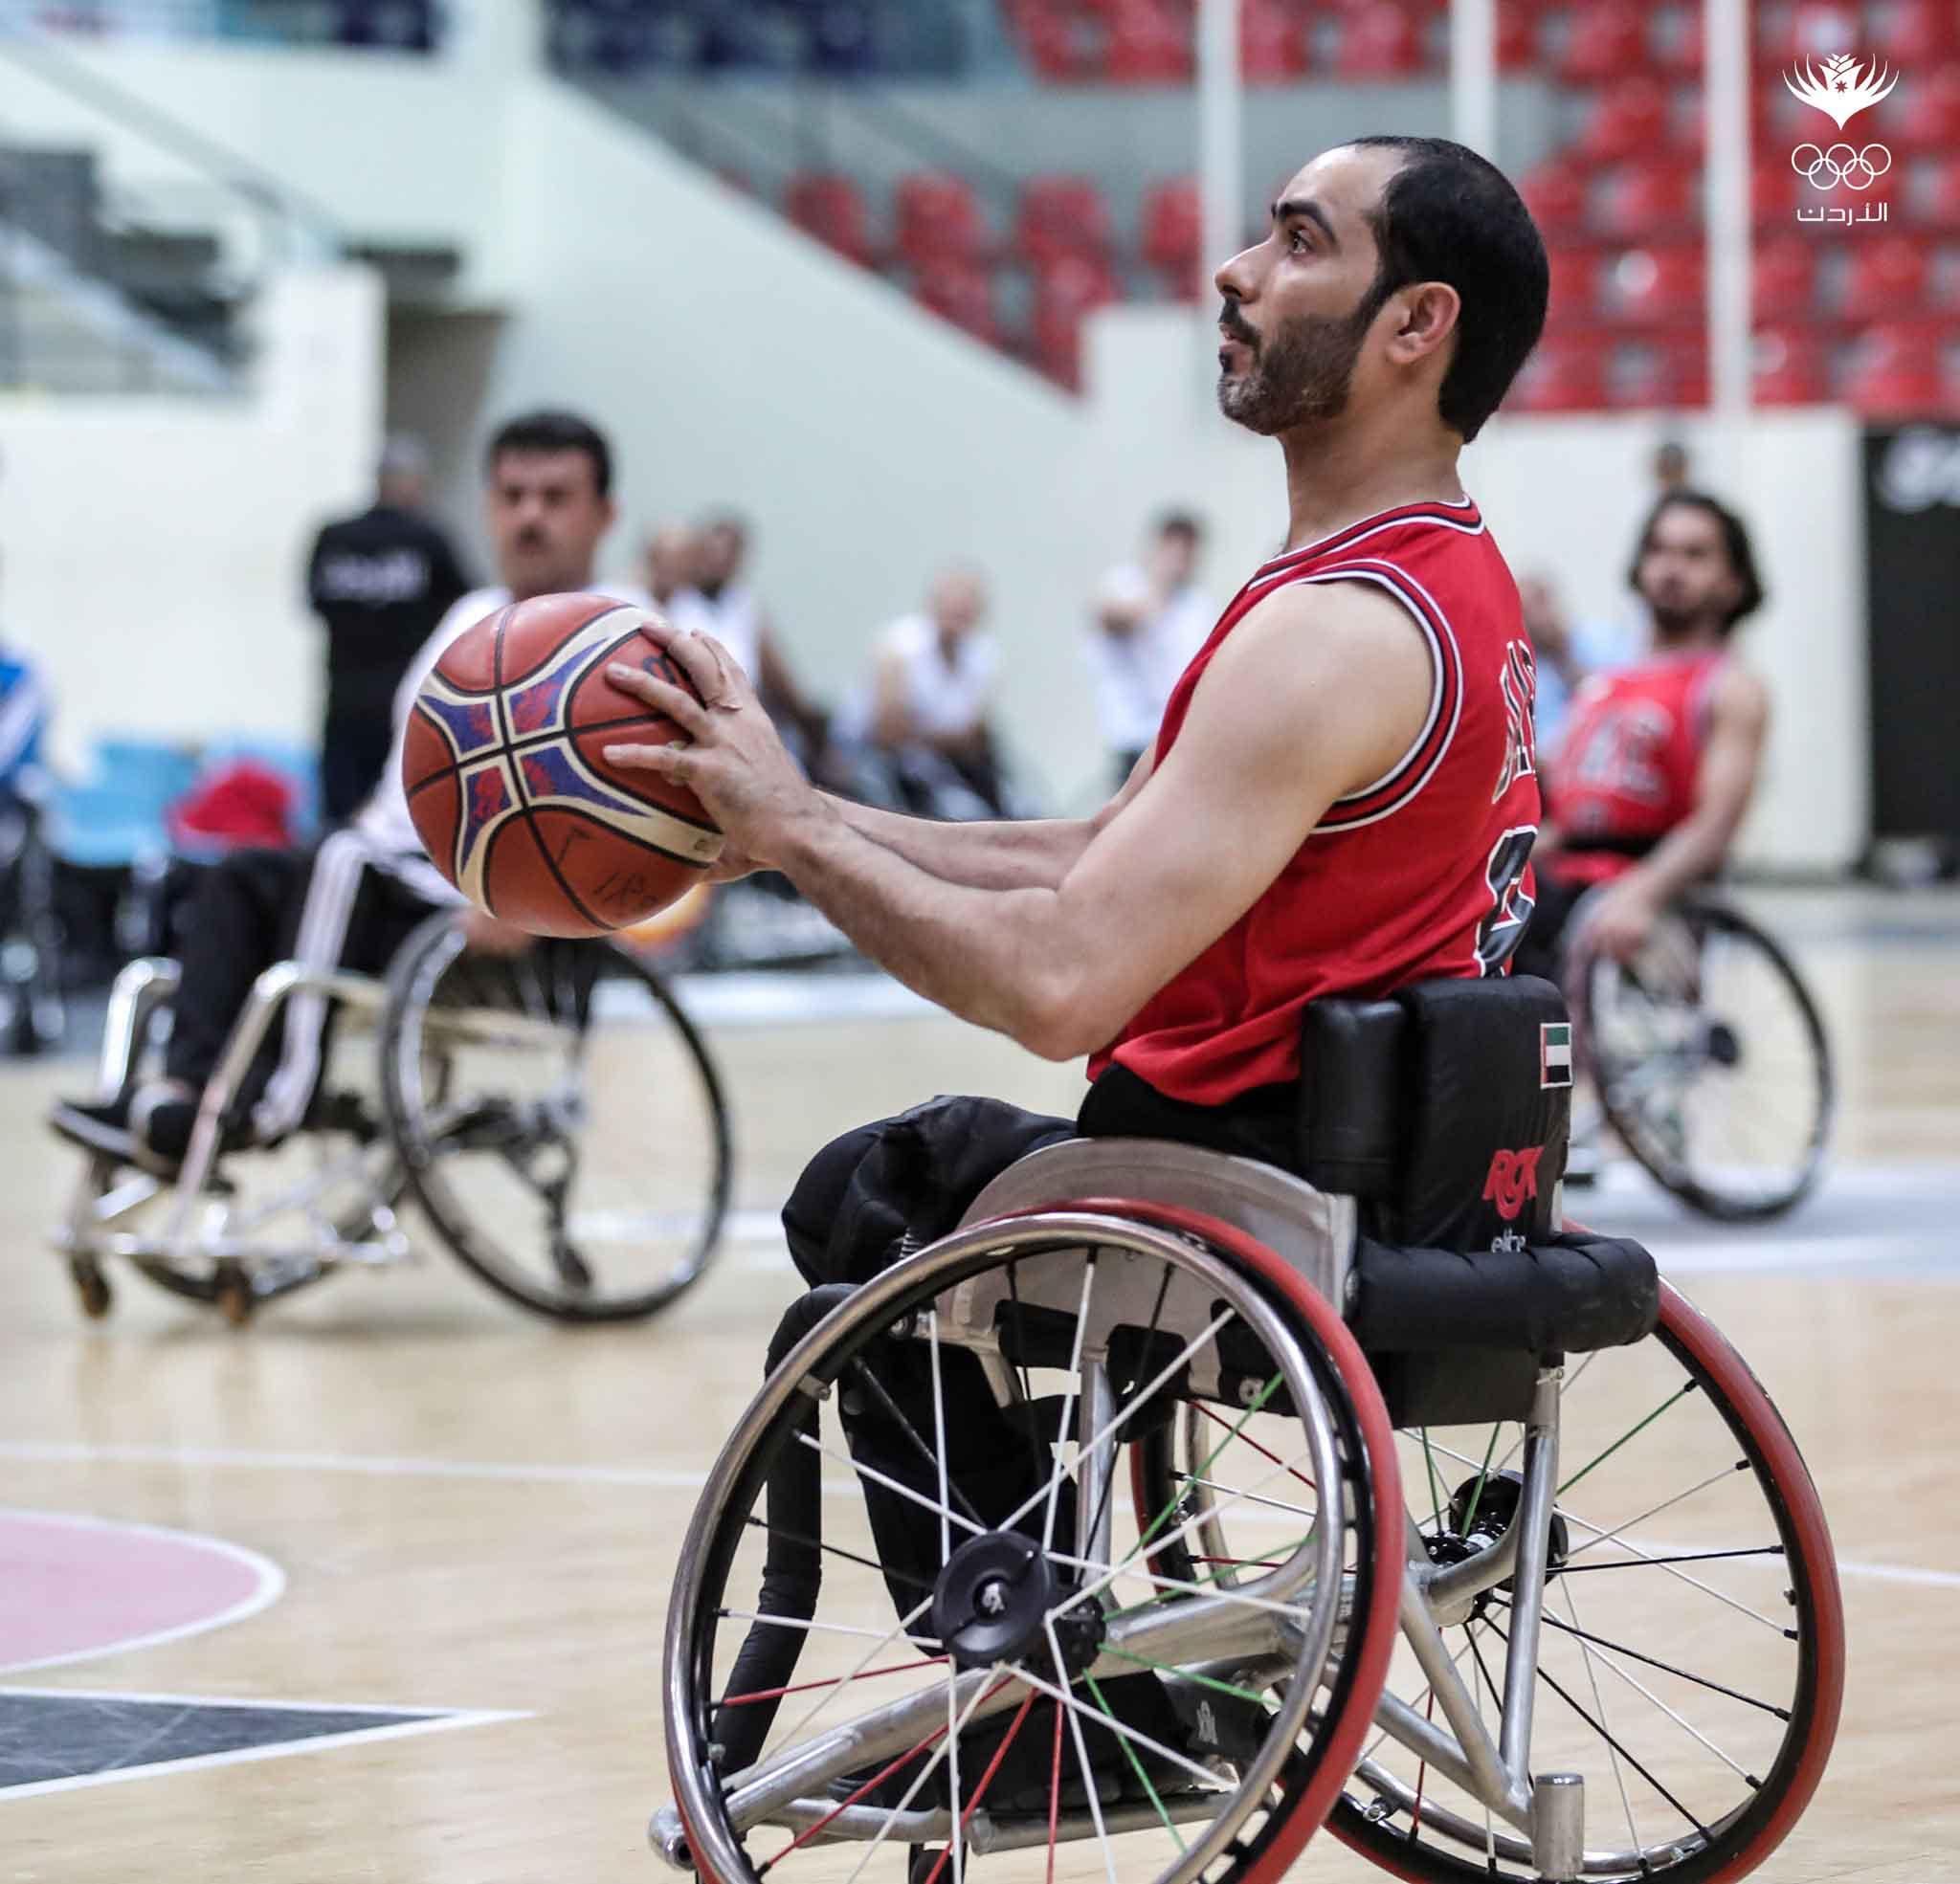 Photo of نتائج كرة السلة على الكراسي لدورة ألعاب غرب آسيا البارالمبية الثانية عمان 2019